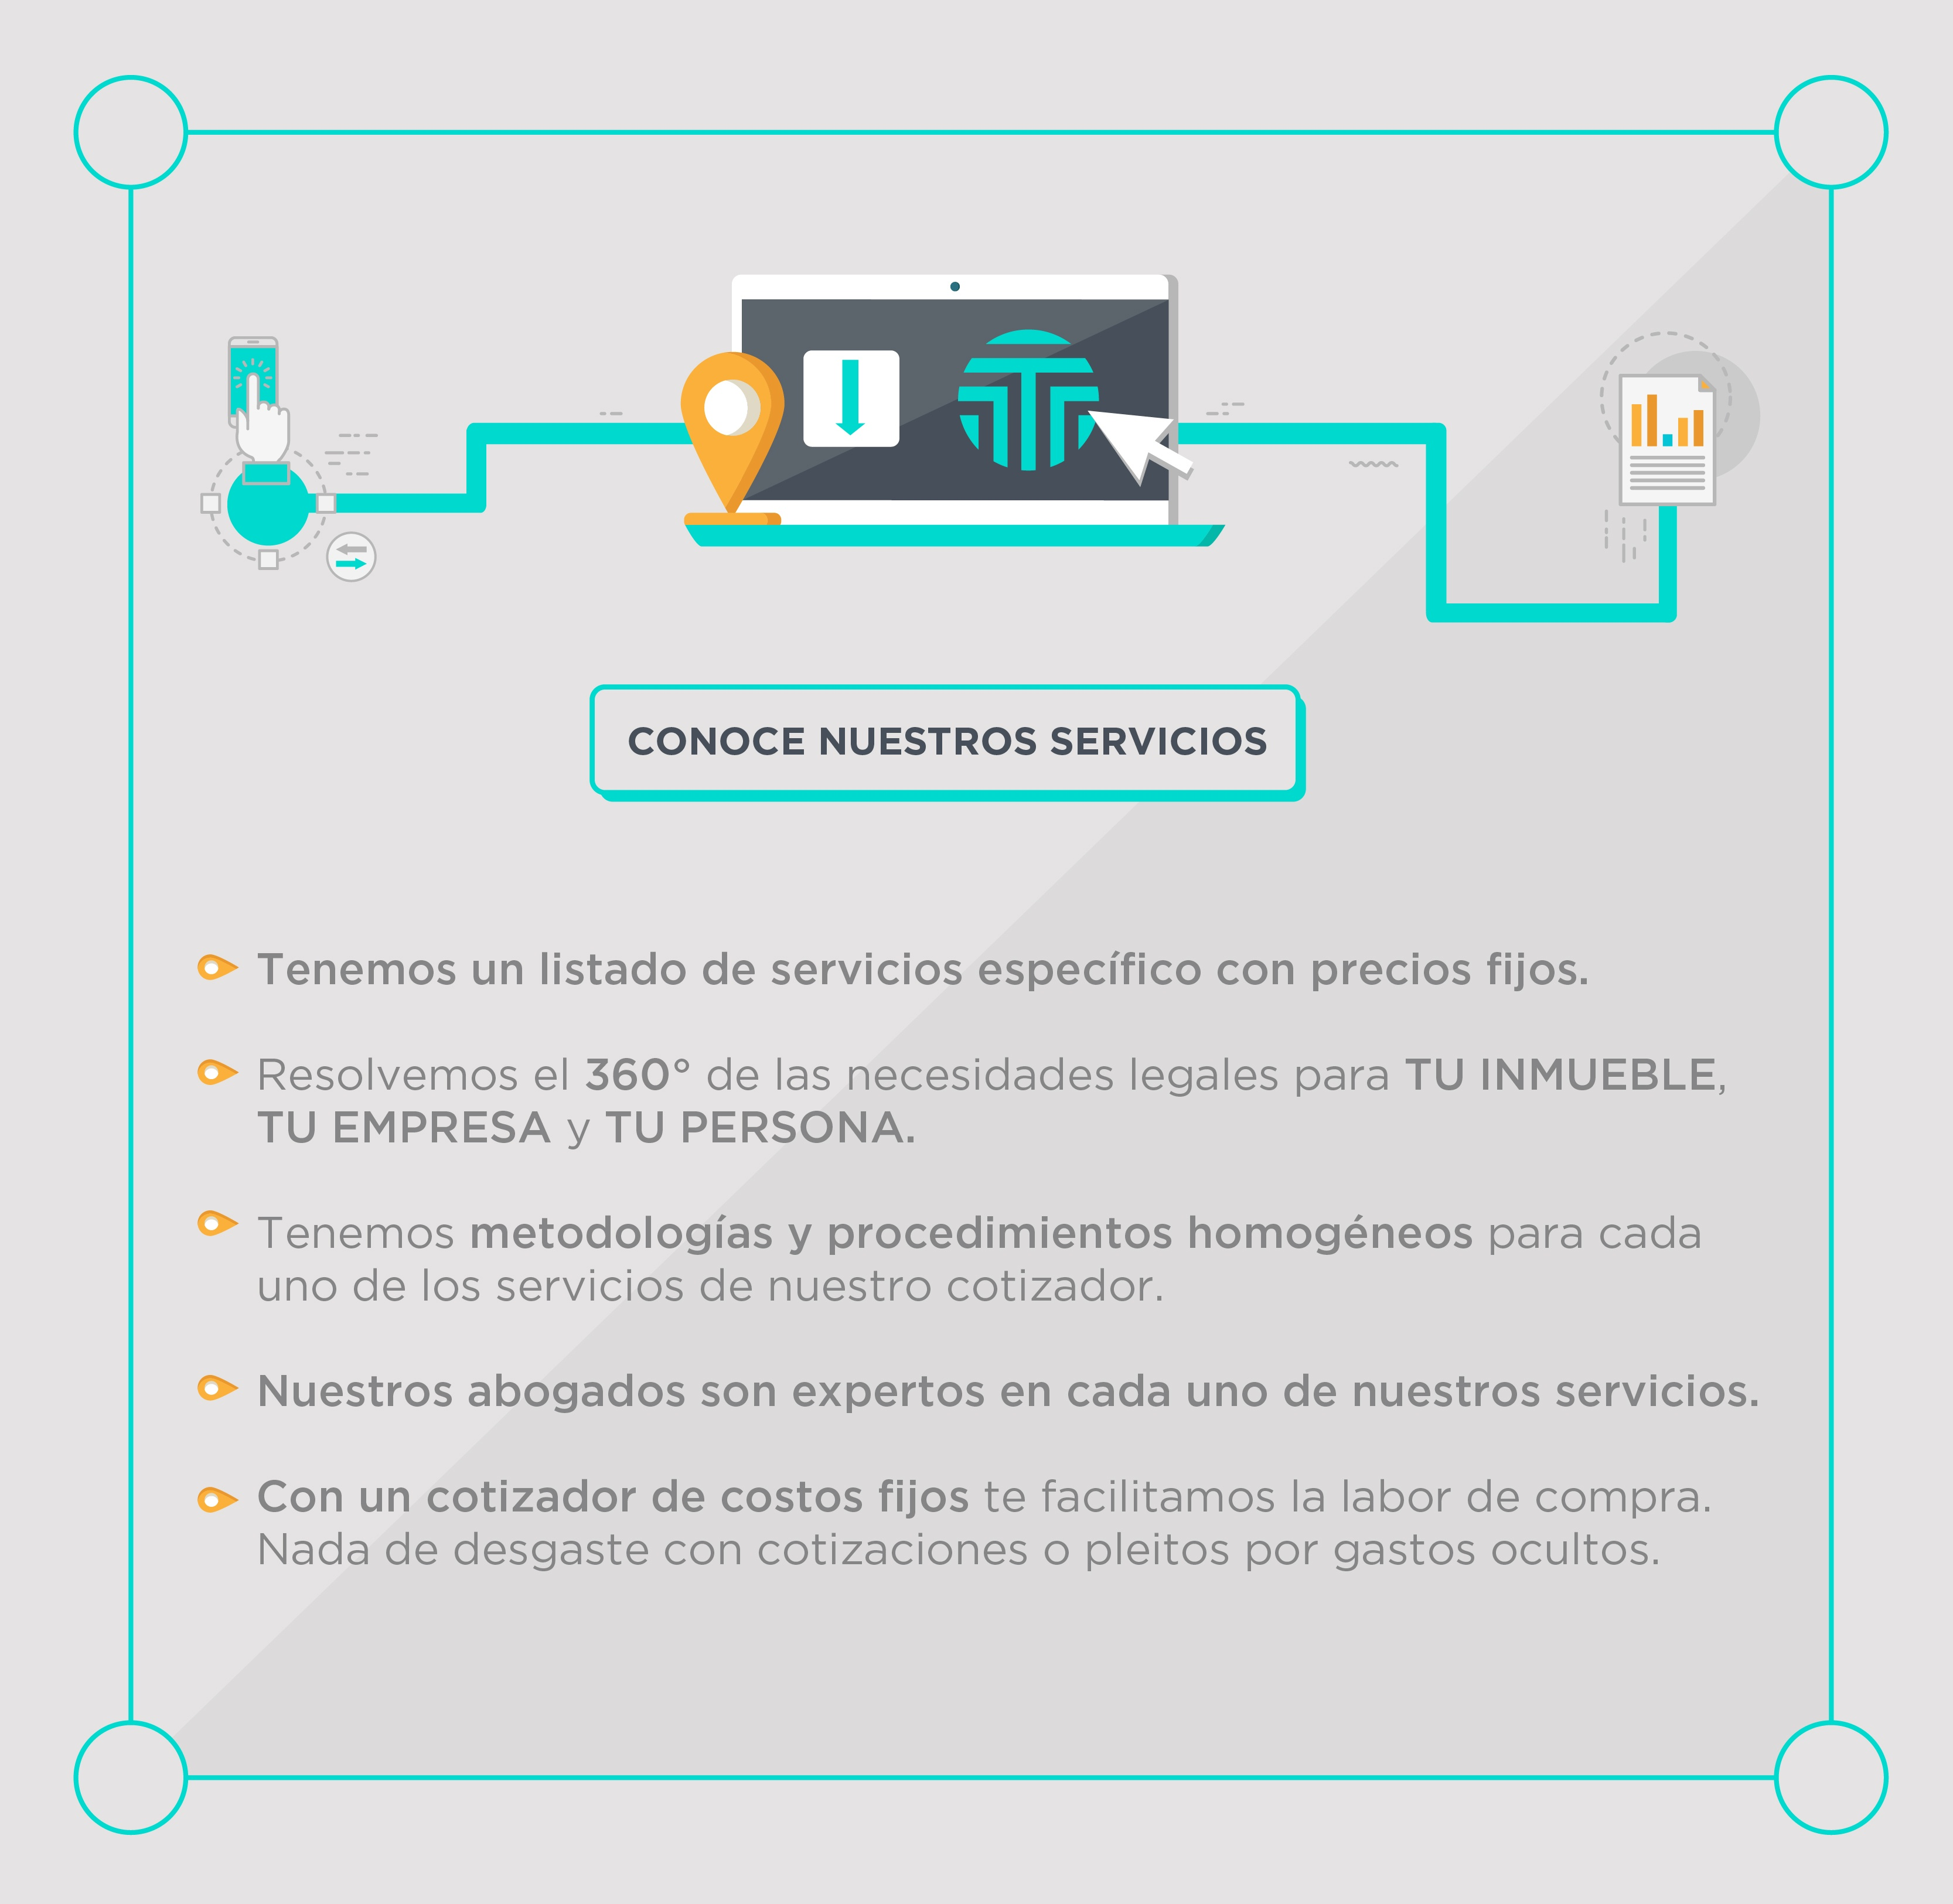 Descarga_servicios_cuadrado2.jpg